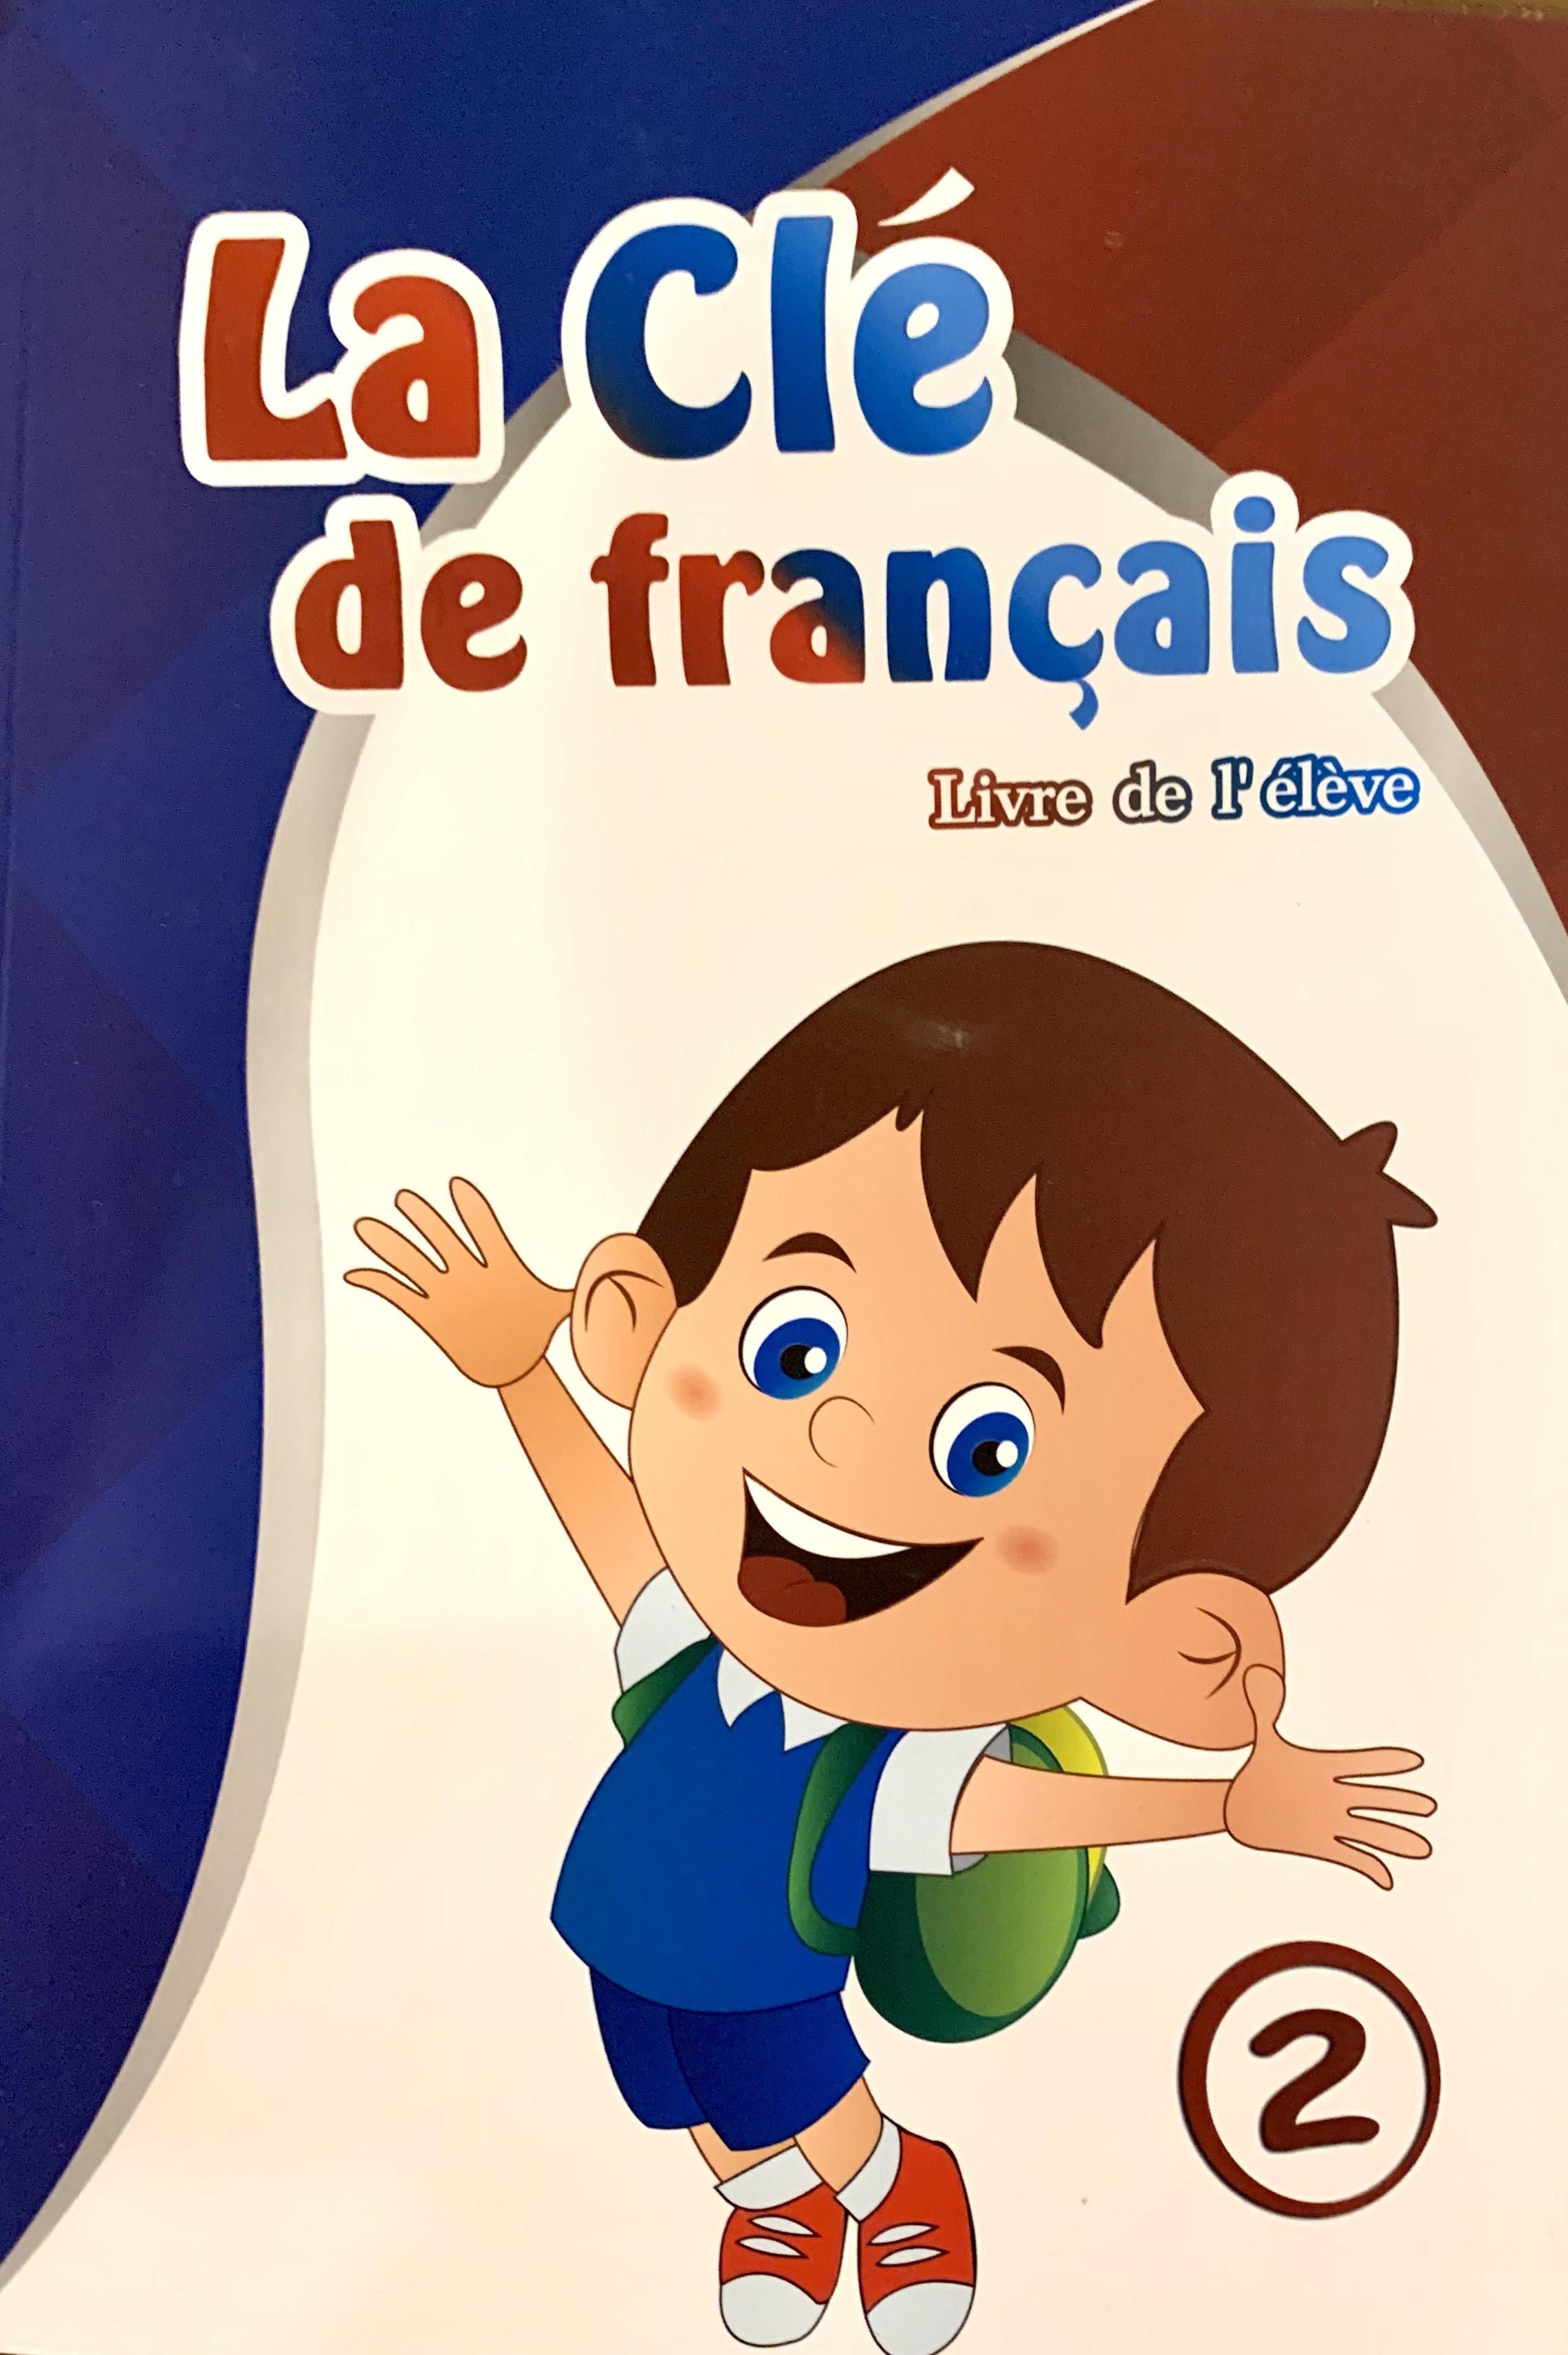 La Cle de Francais Class 2